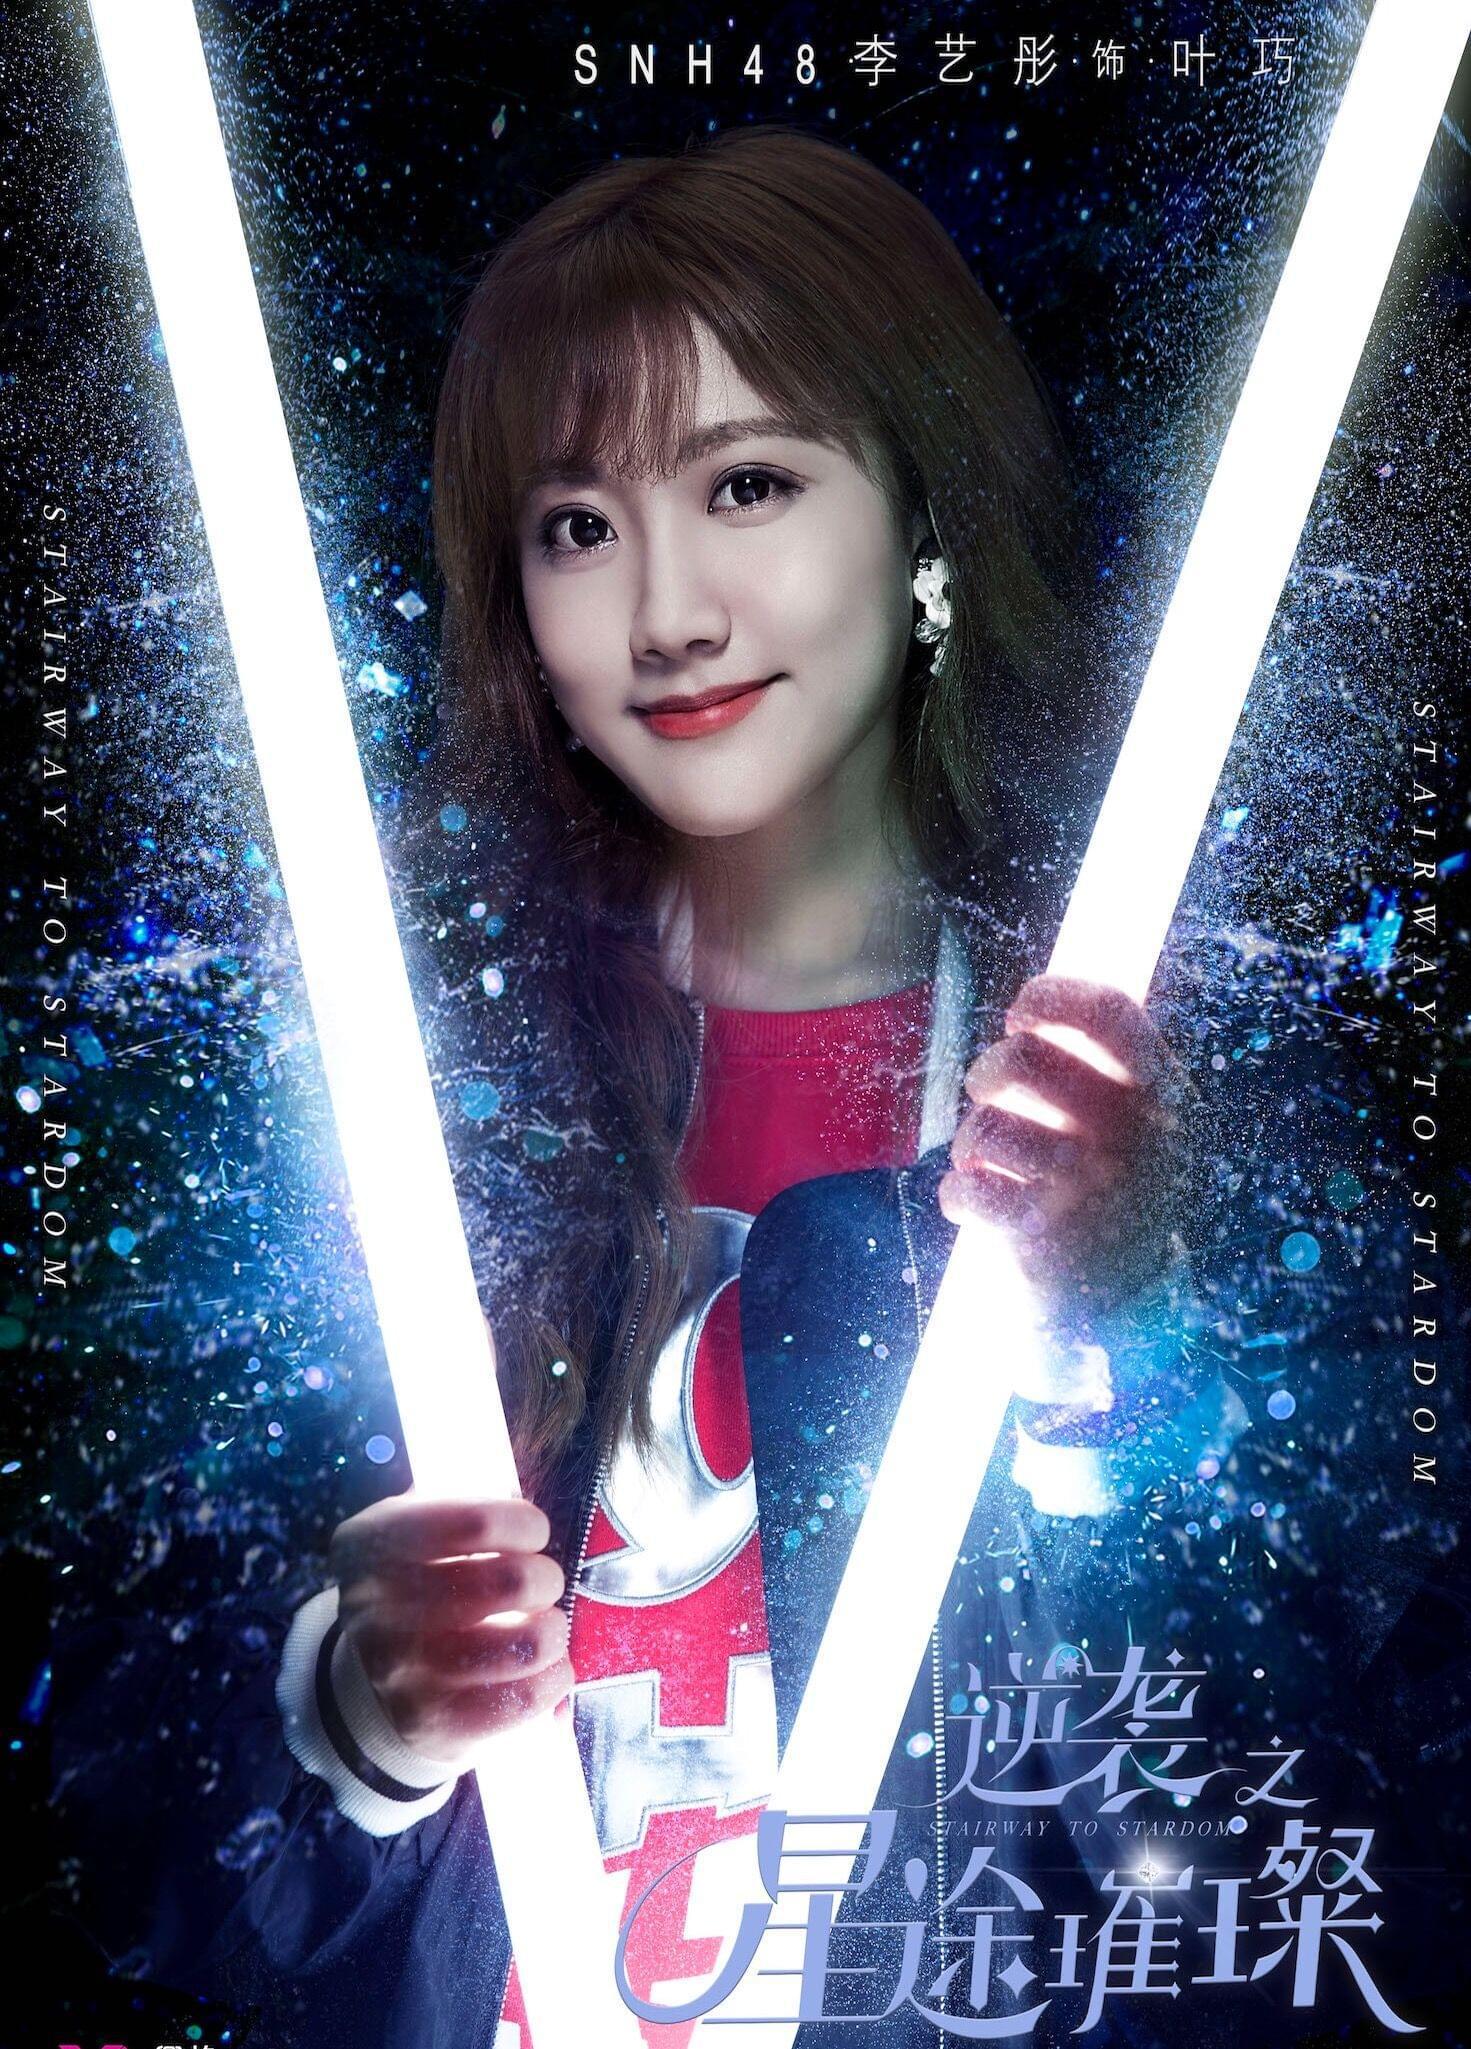 SNH48李艺彤。